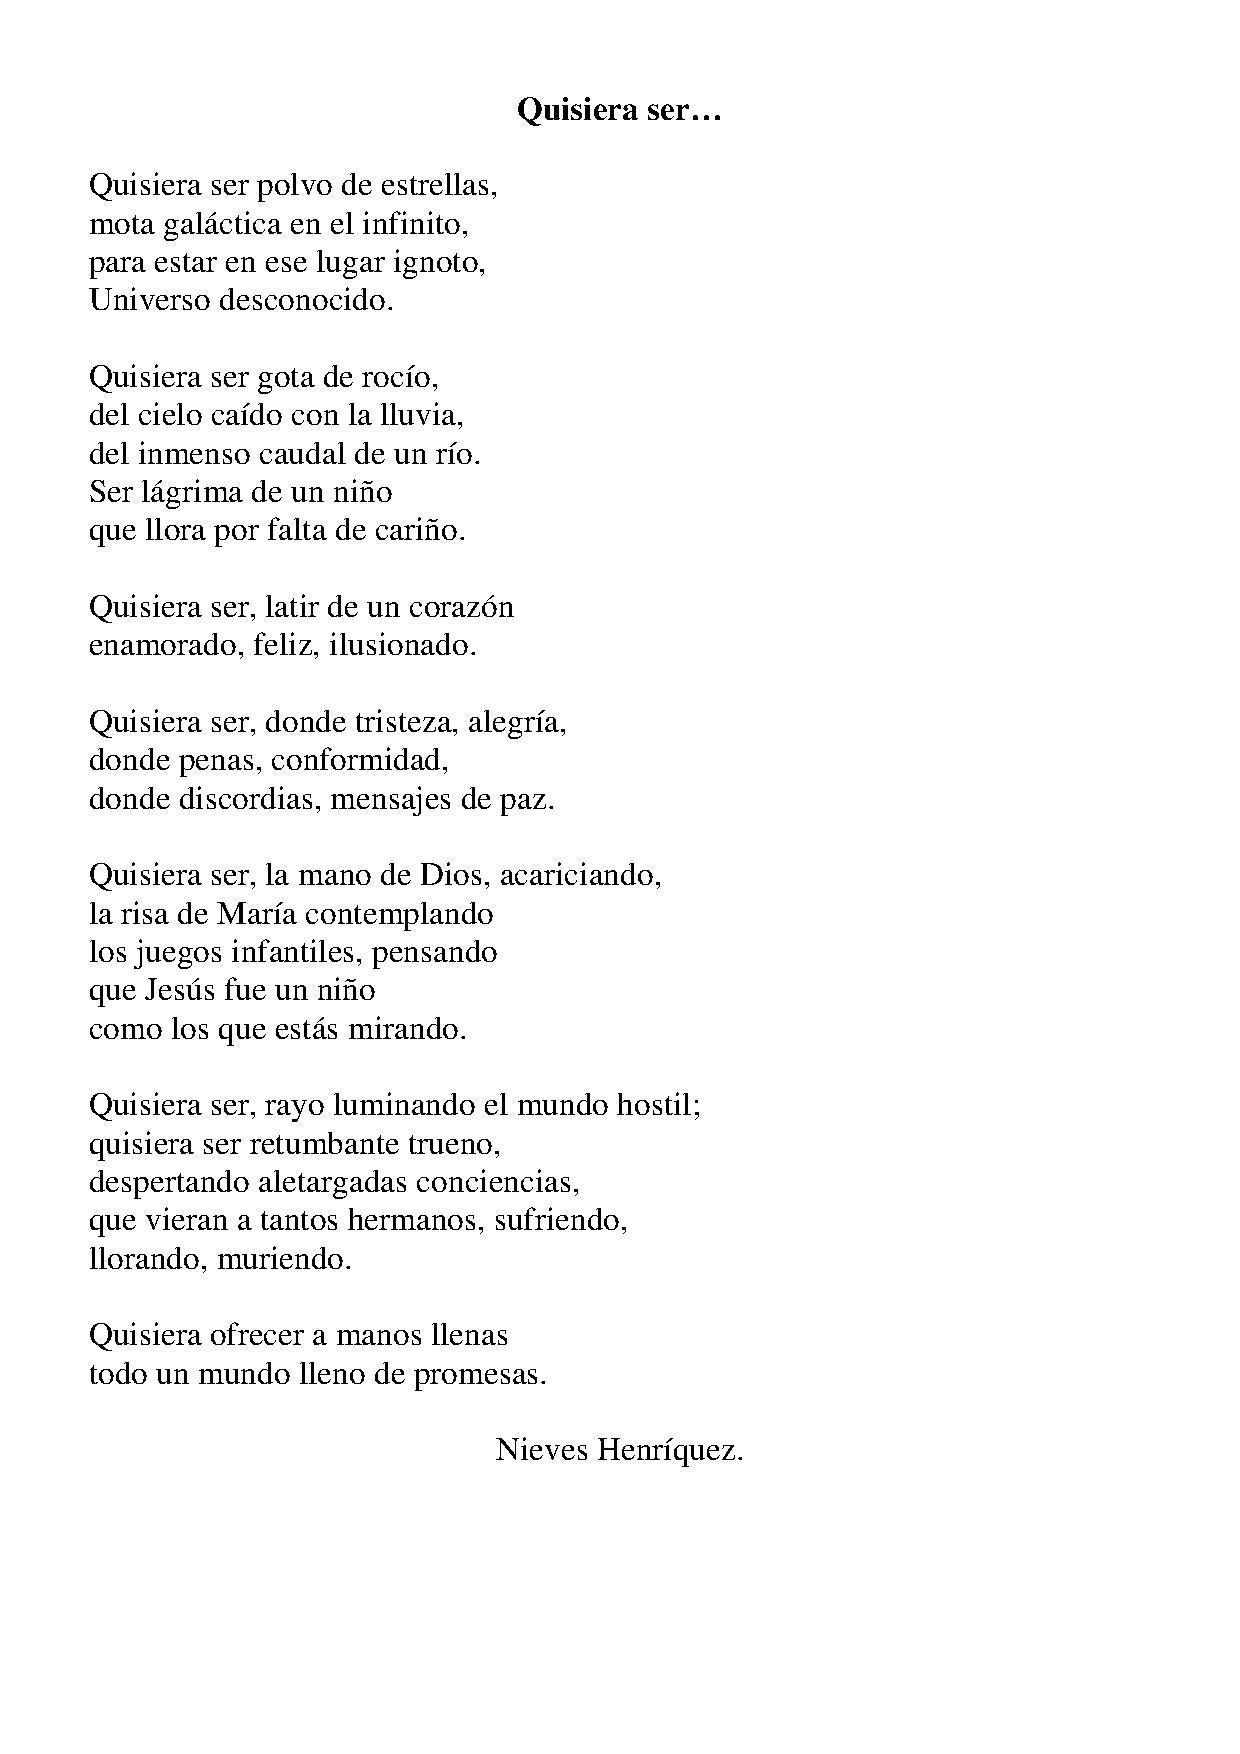 Textos_Poesias__selección_13.jpg